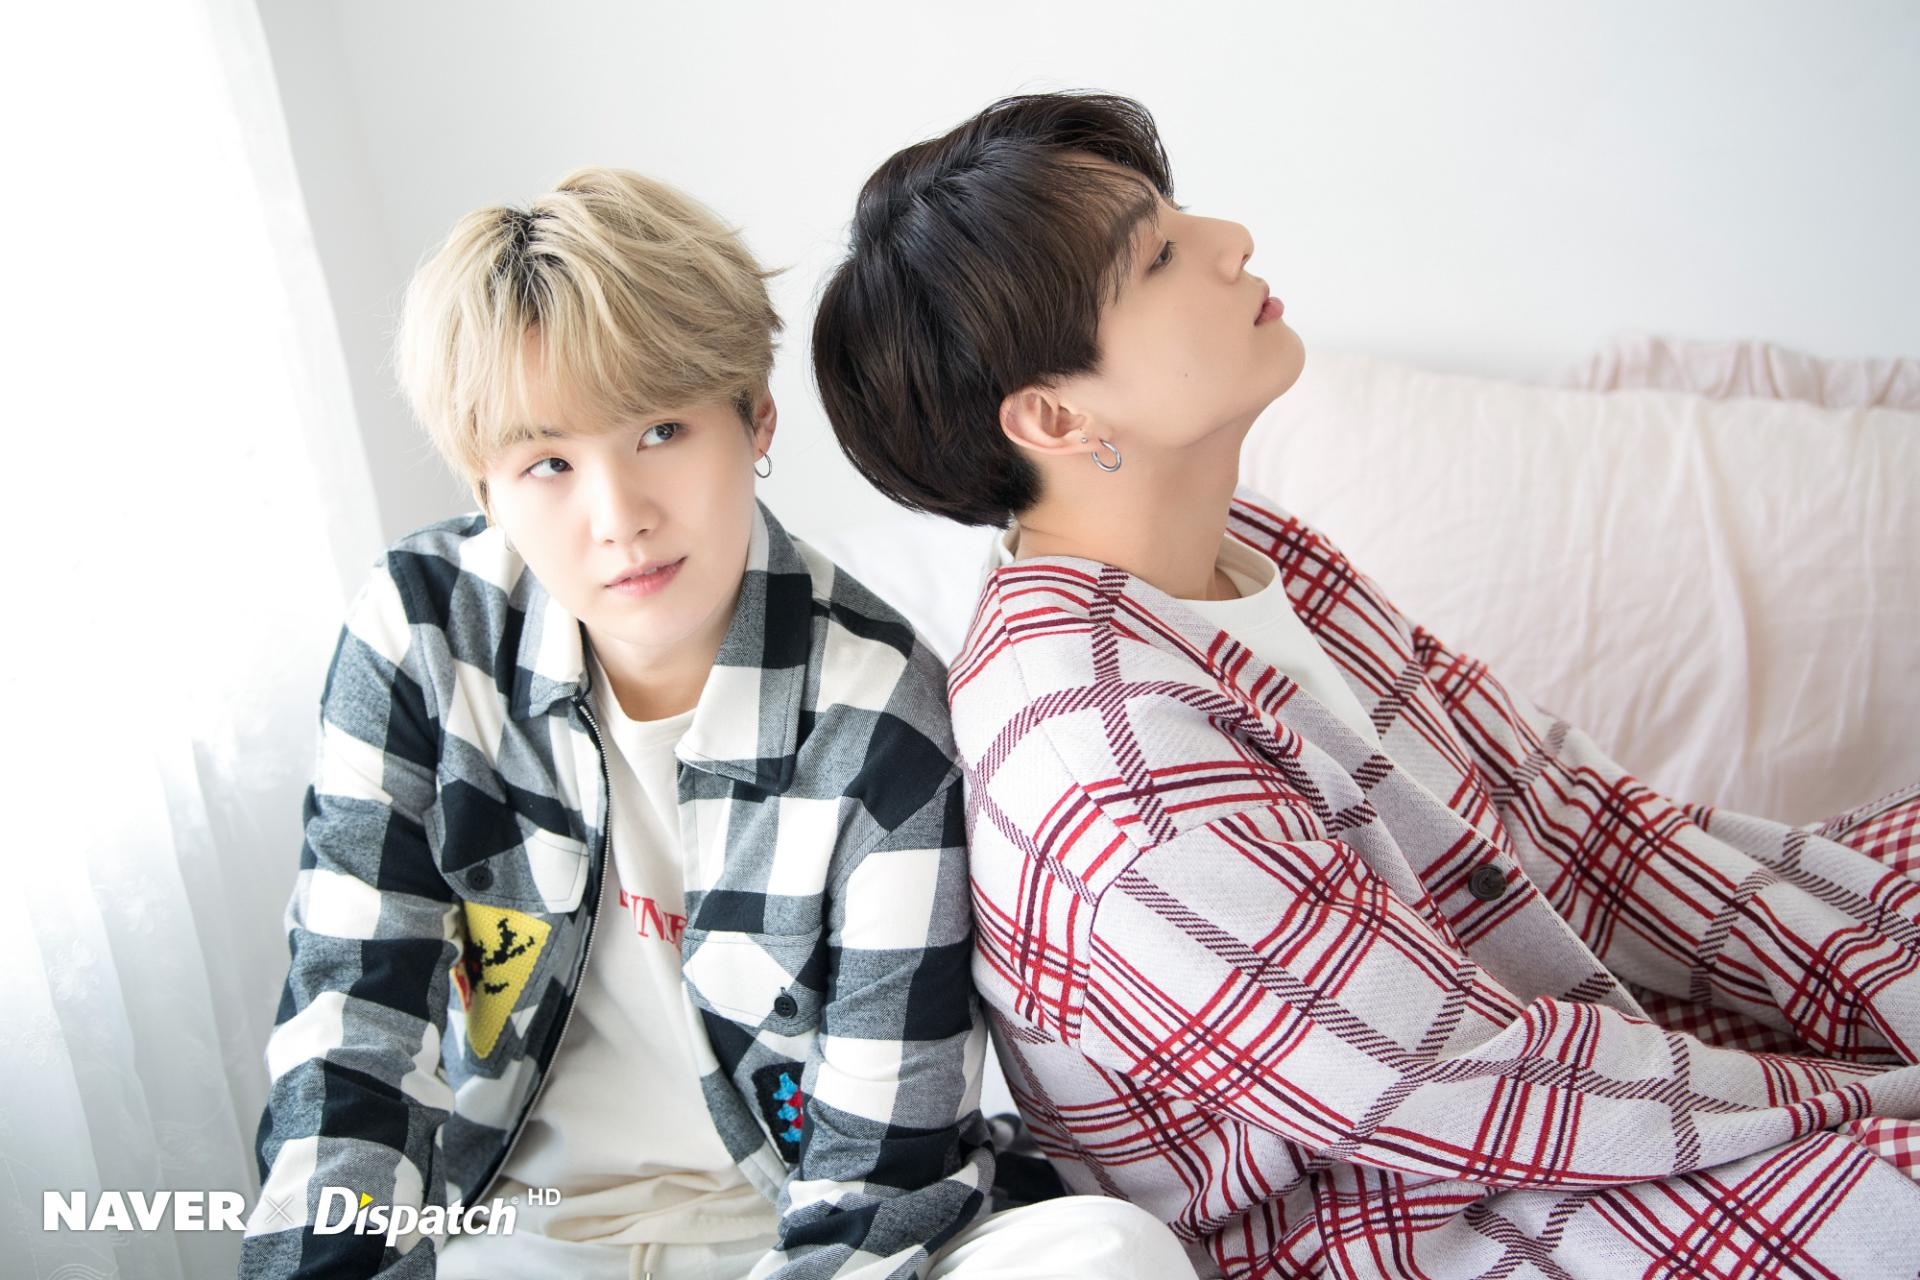 Suga and Jungkook jungkook bts 42693420 1920 1280